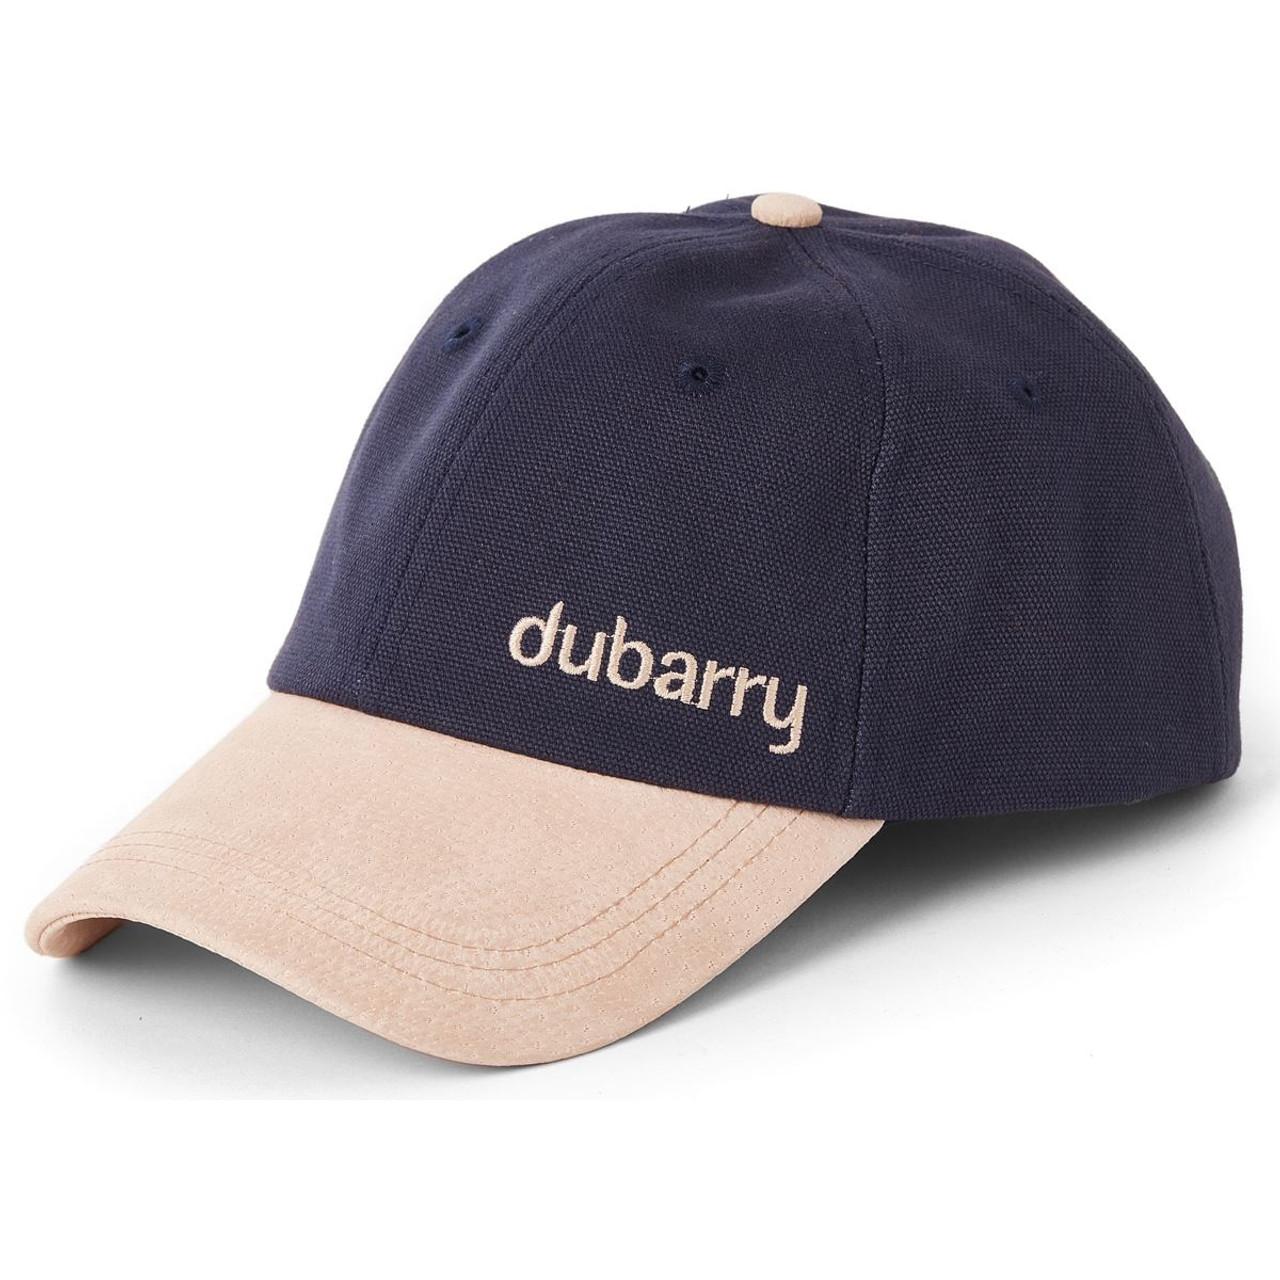 Dubarry Causeway Cap in Navy